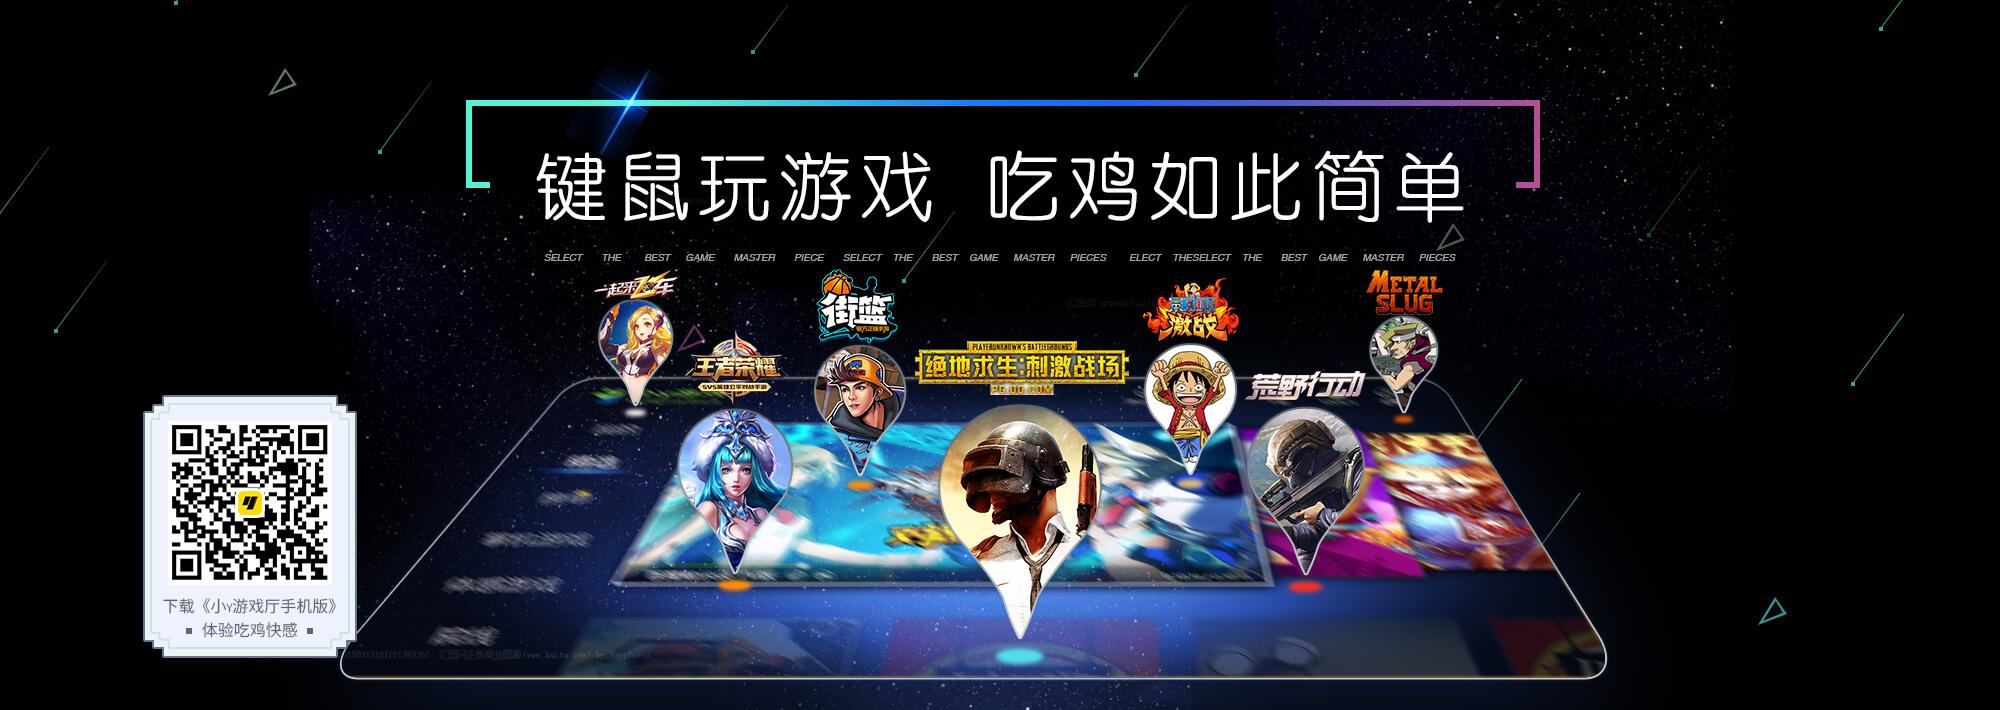 电视游戏_小y游戏厅手机版